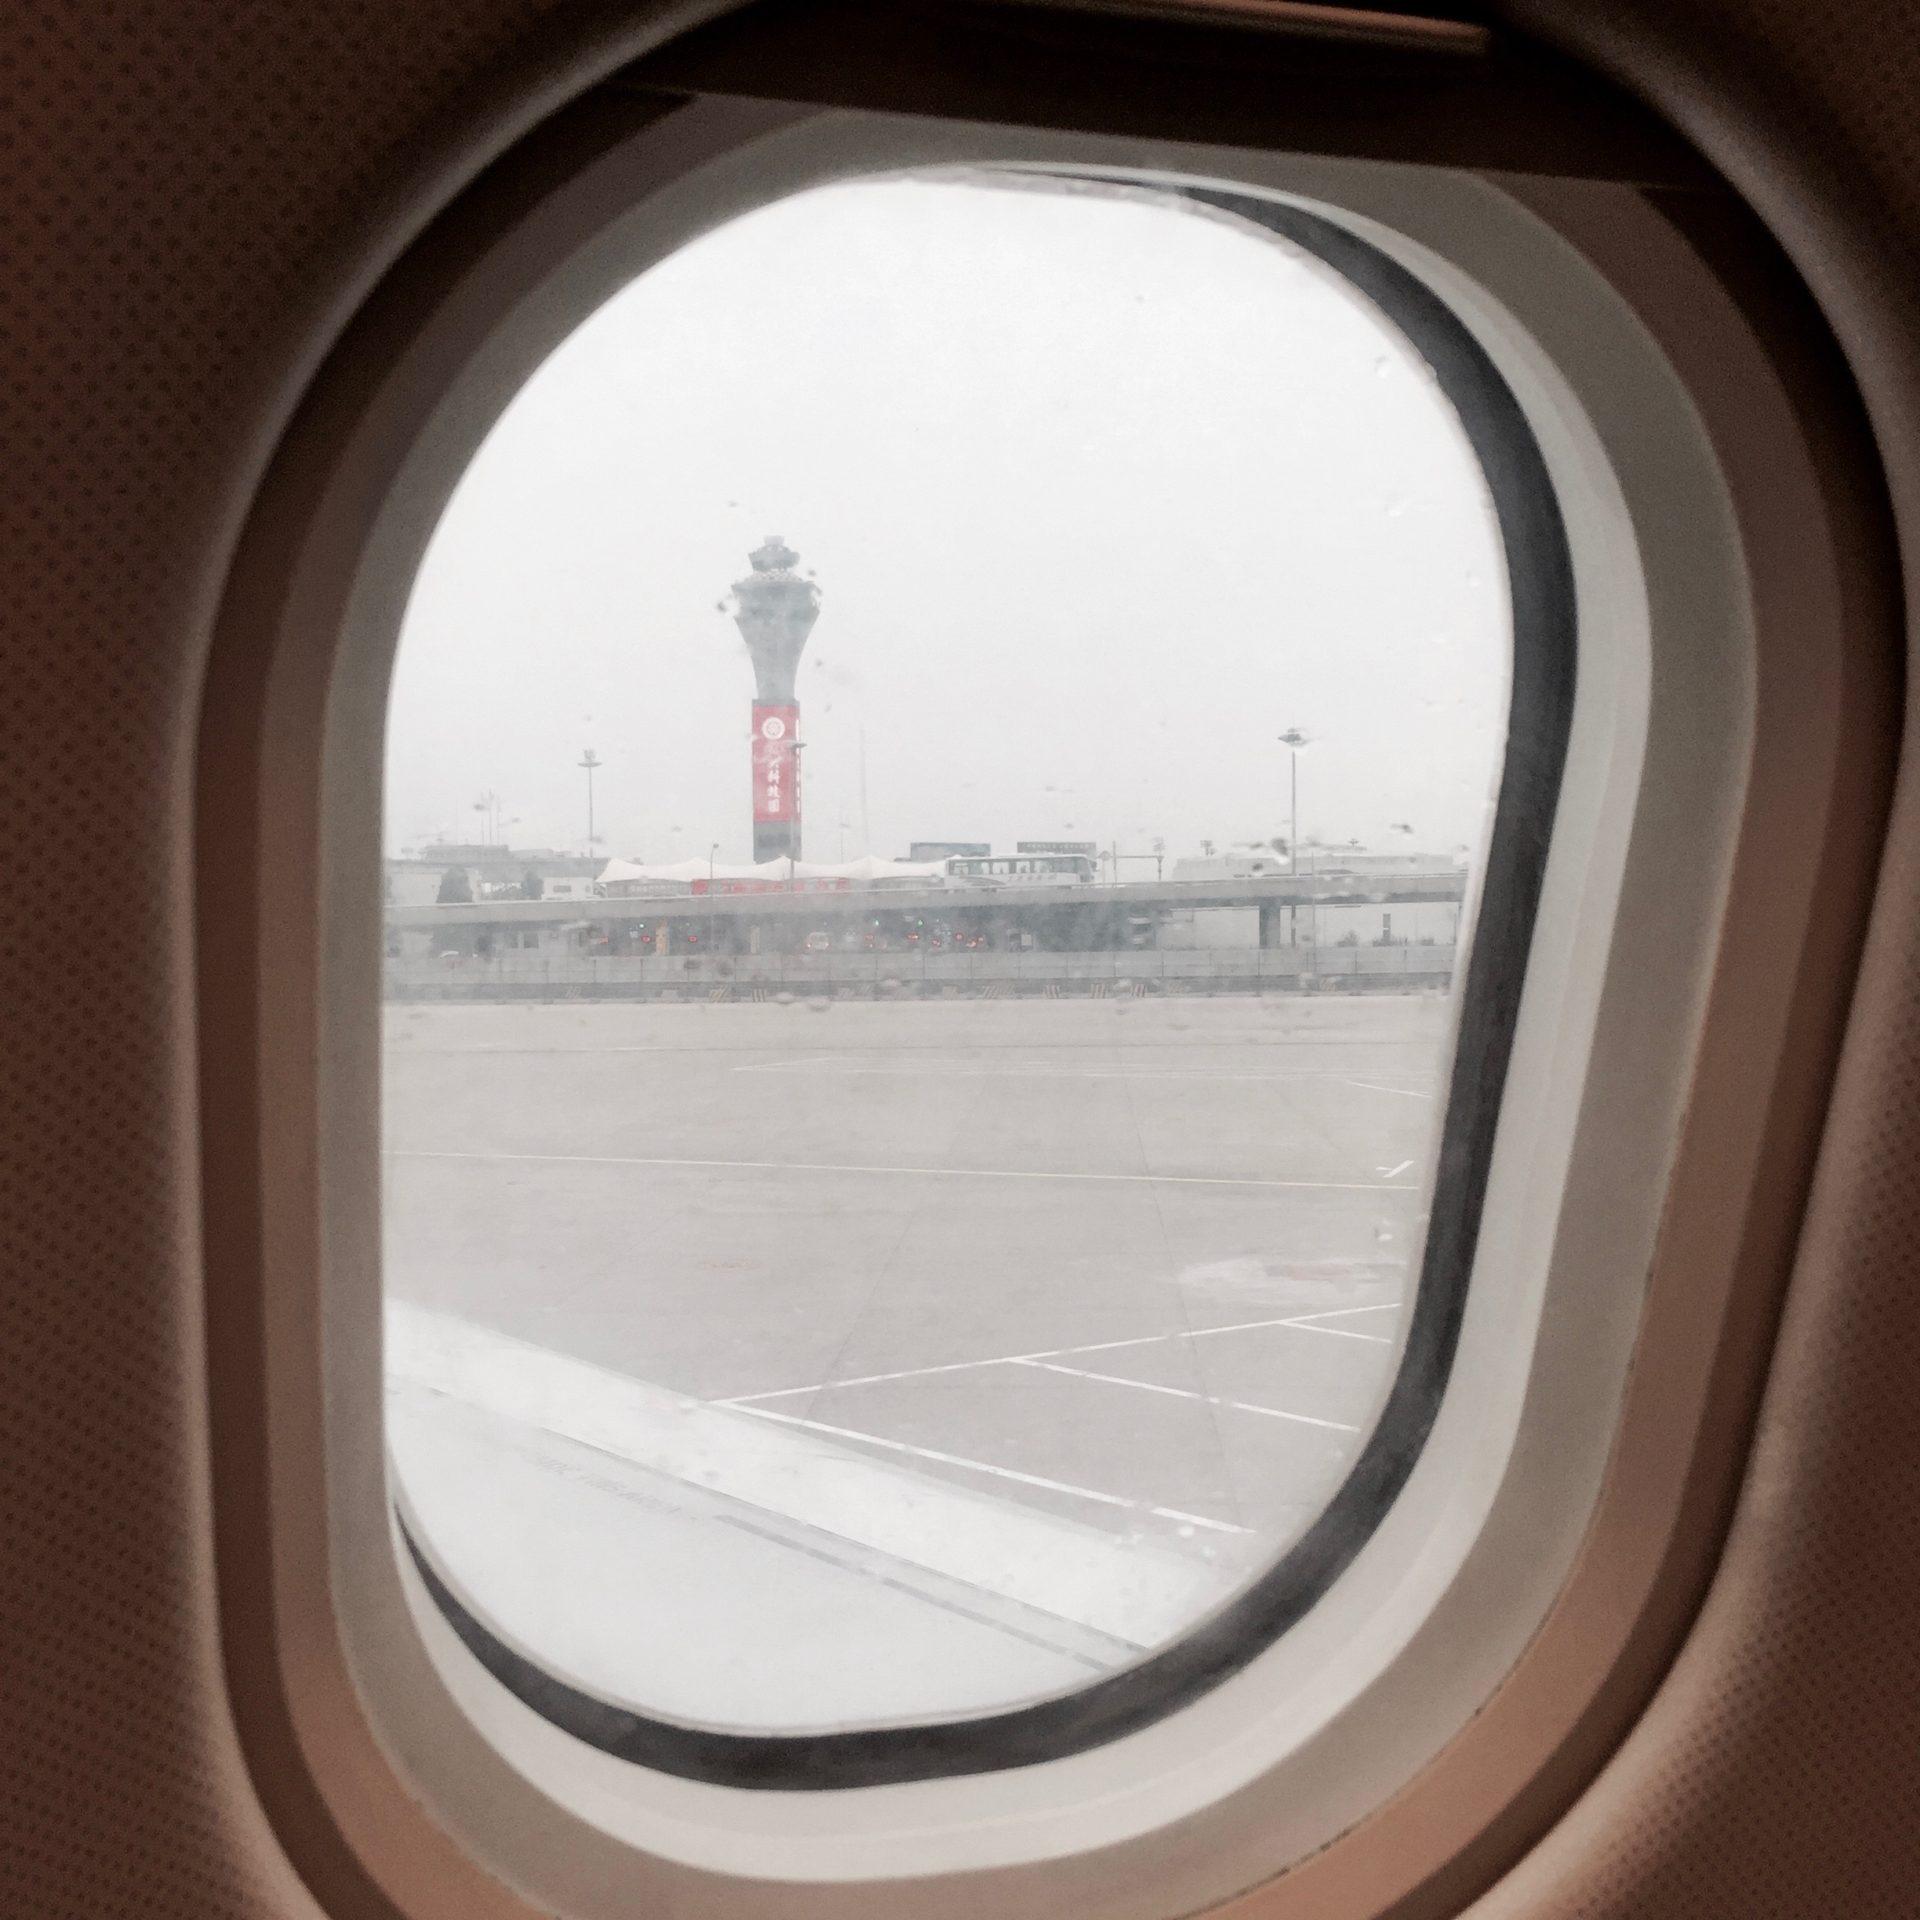 北京空港。晴れてきたかな。